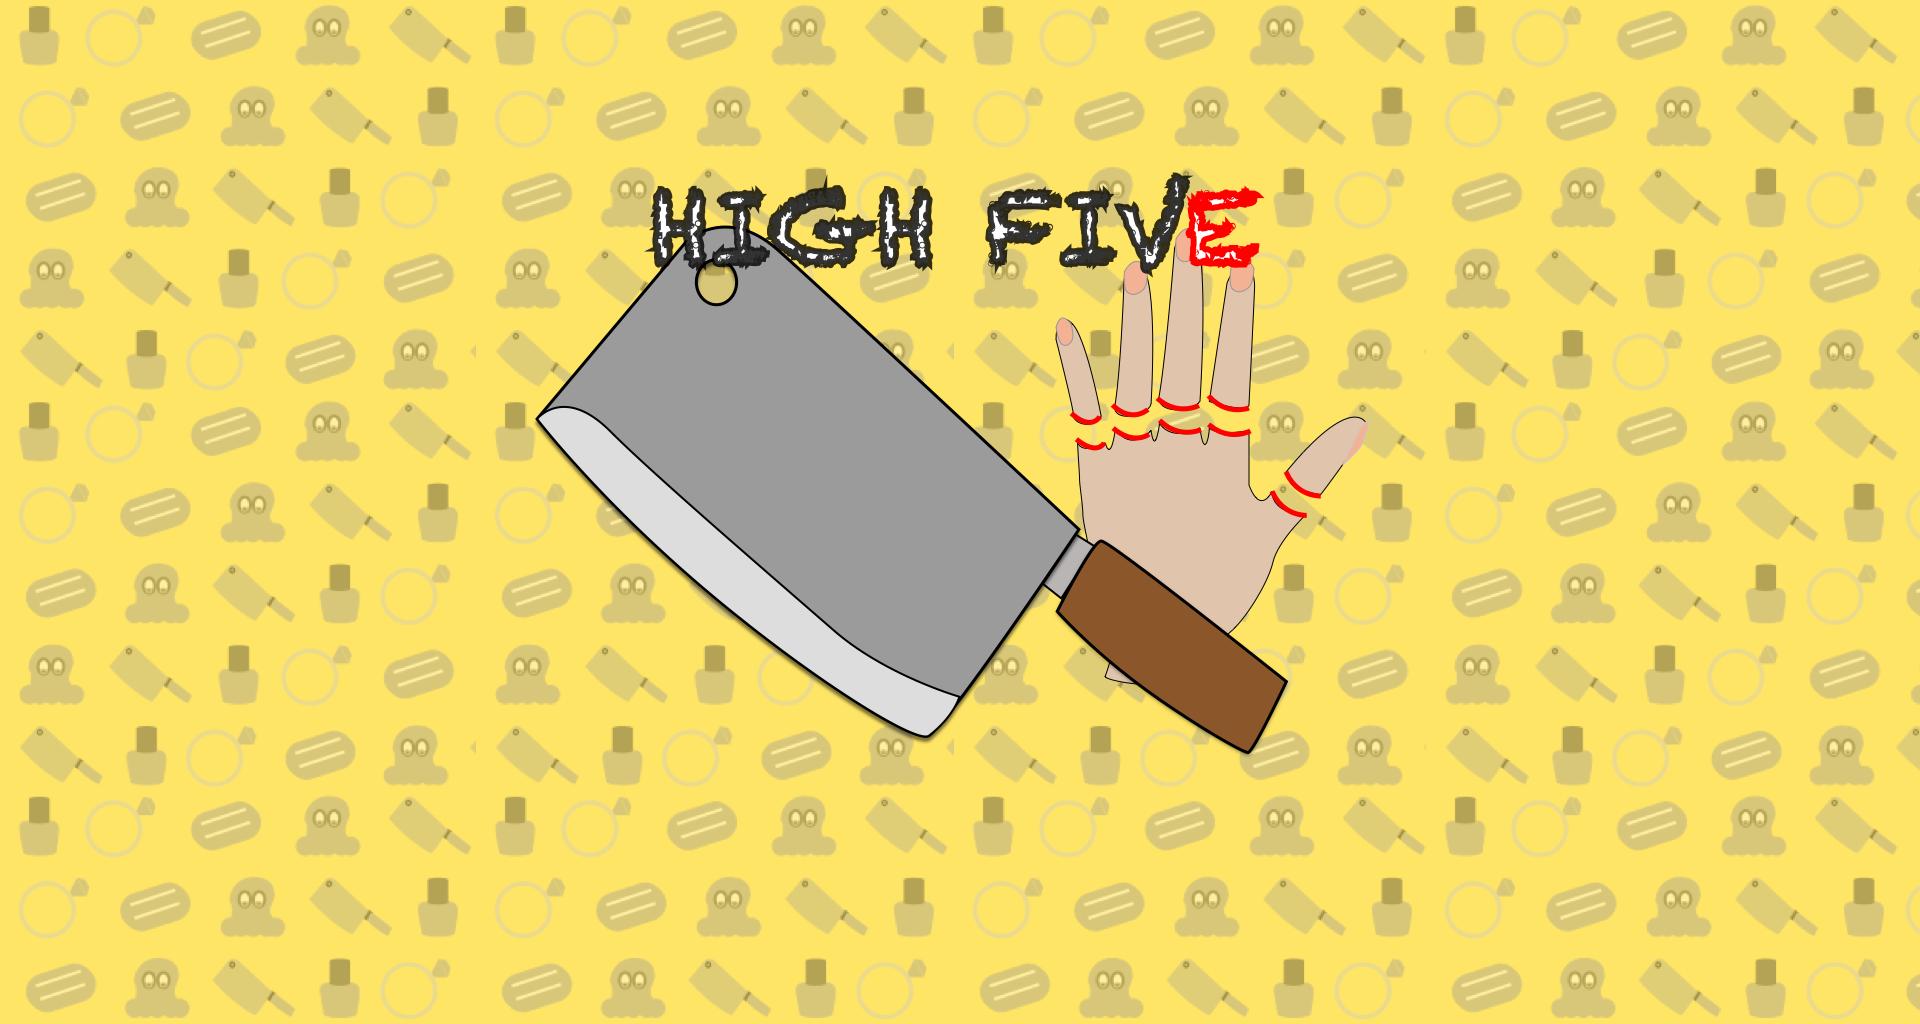 pgi6- High Five